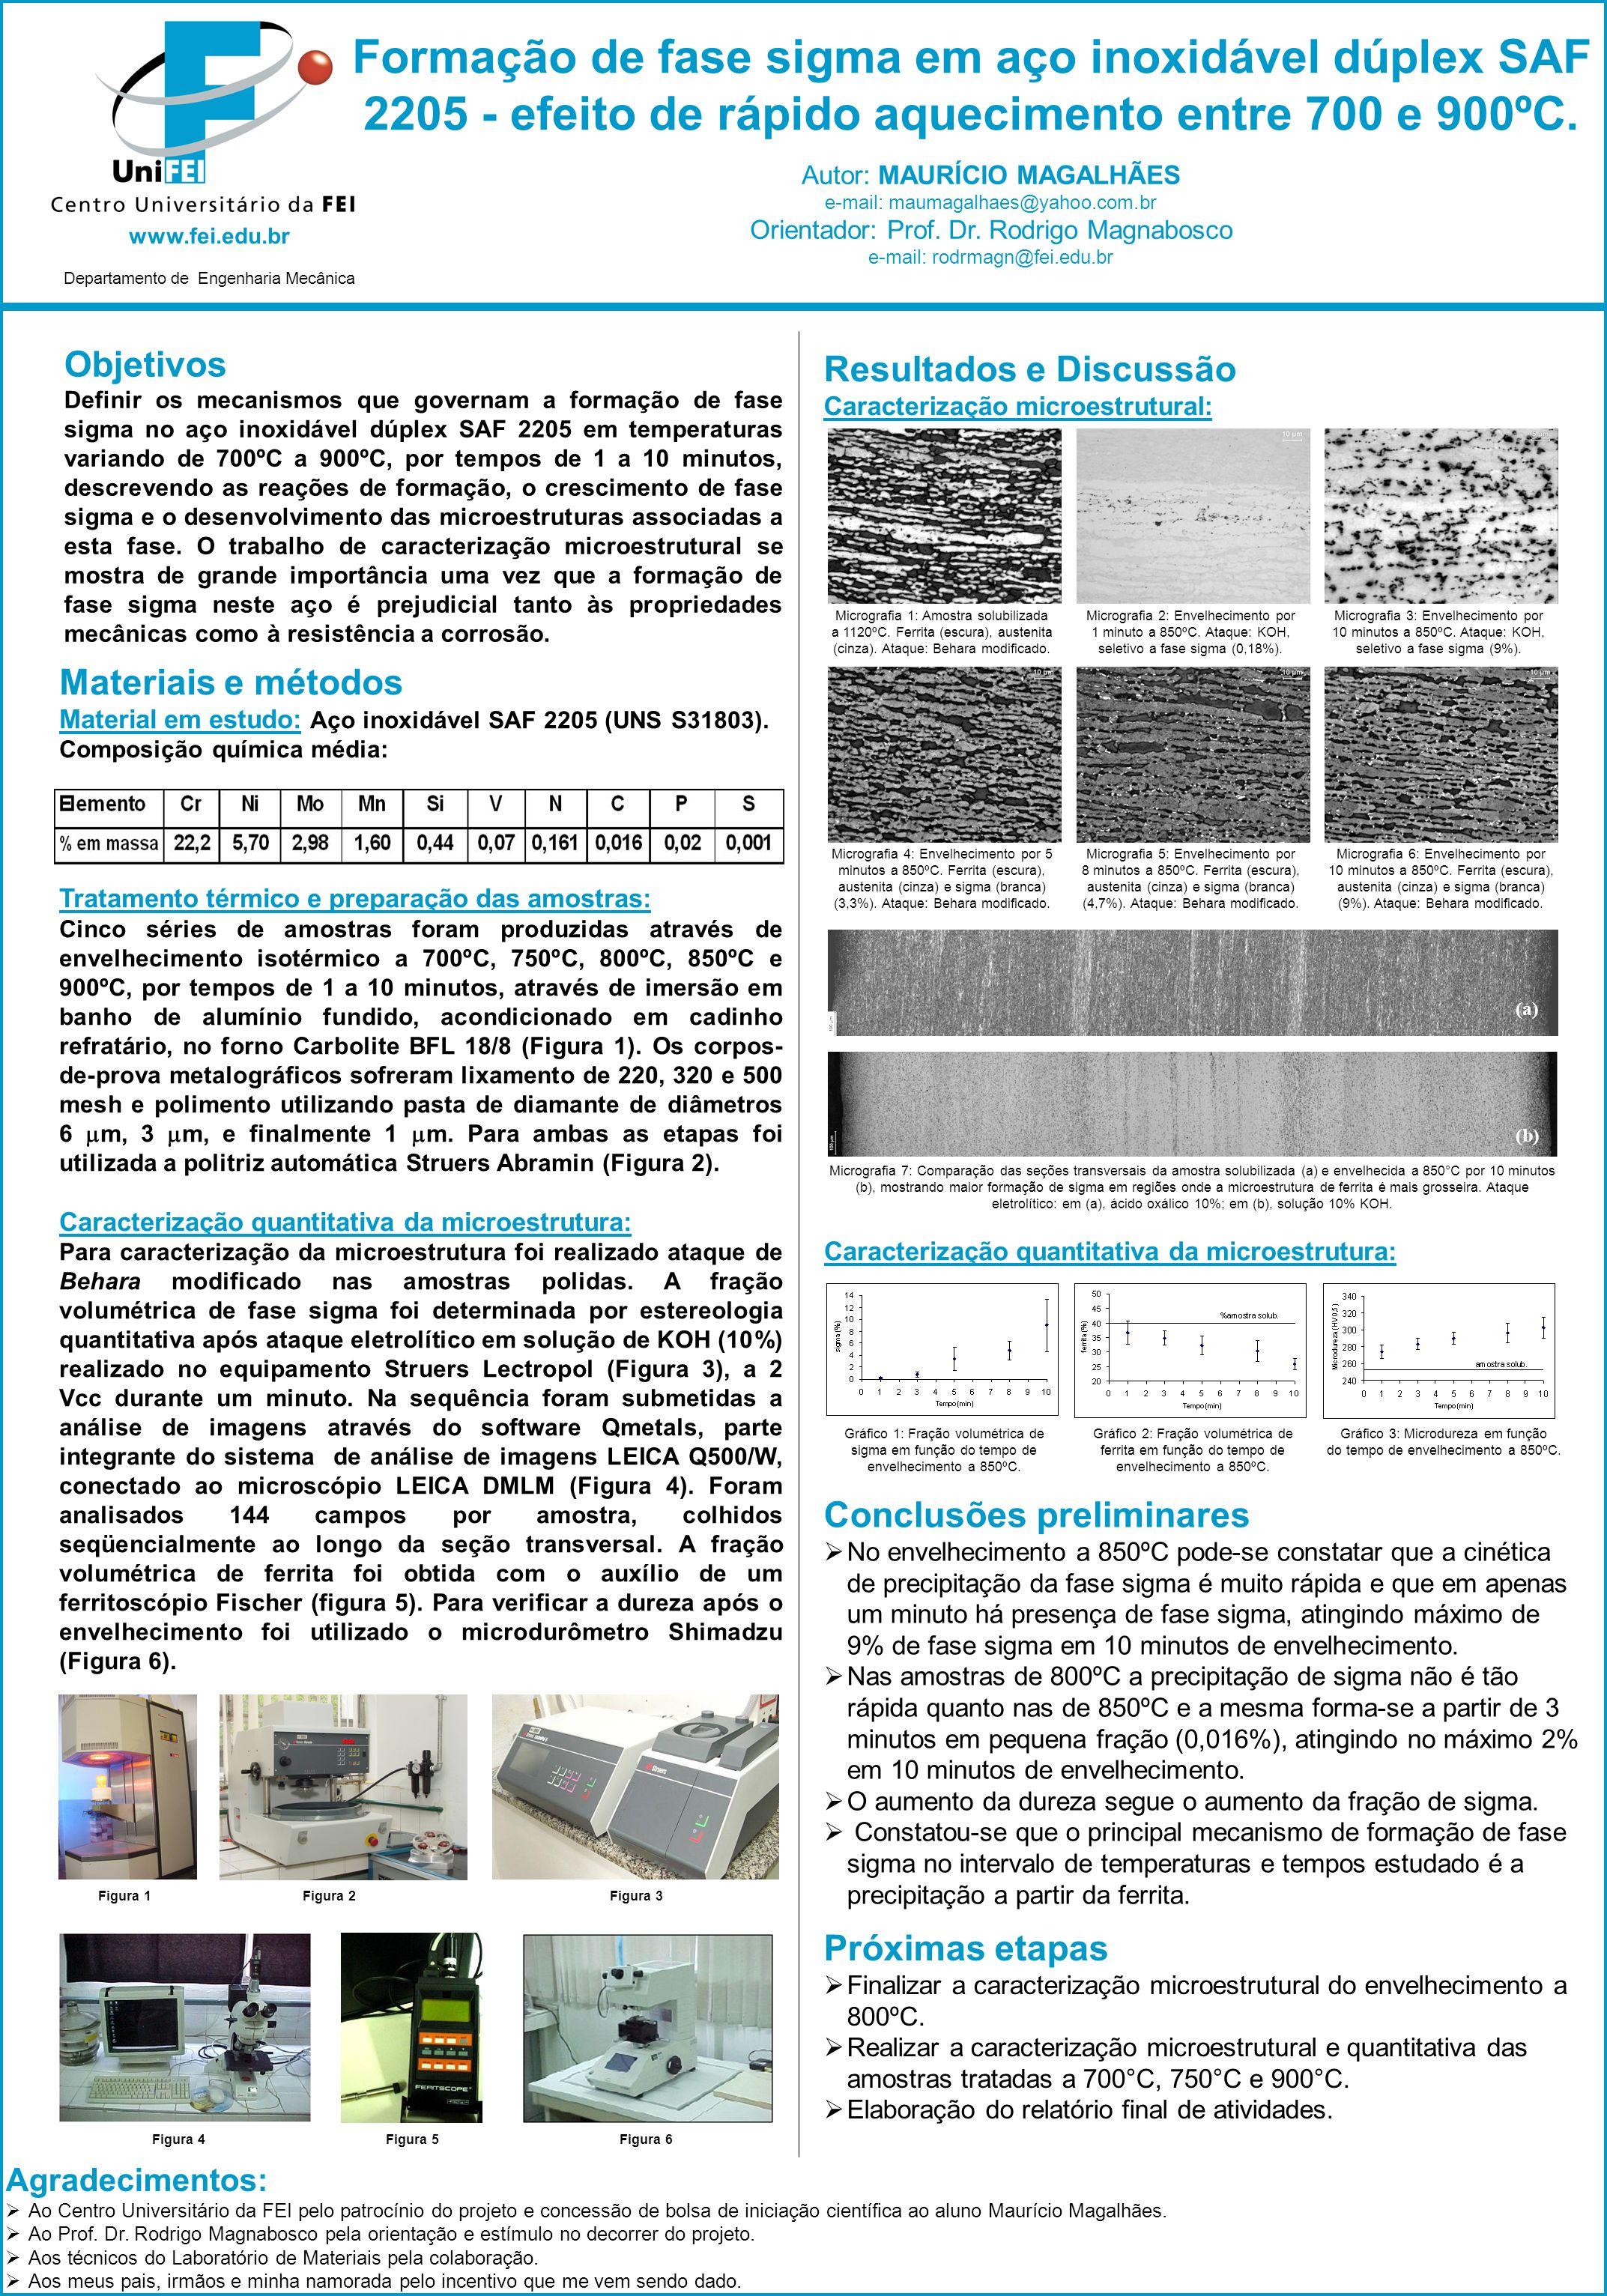 Formação de fase sigma em aço inoxidável dúplex SAF 2205 - efeito de rápido aquecimento entre 700 e 900ºC. Autor: MAURÍCIO MAGALHÃES e-mail: maumagalh